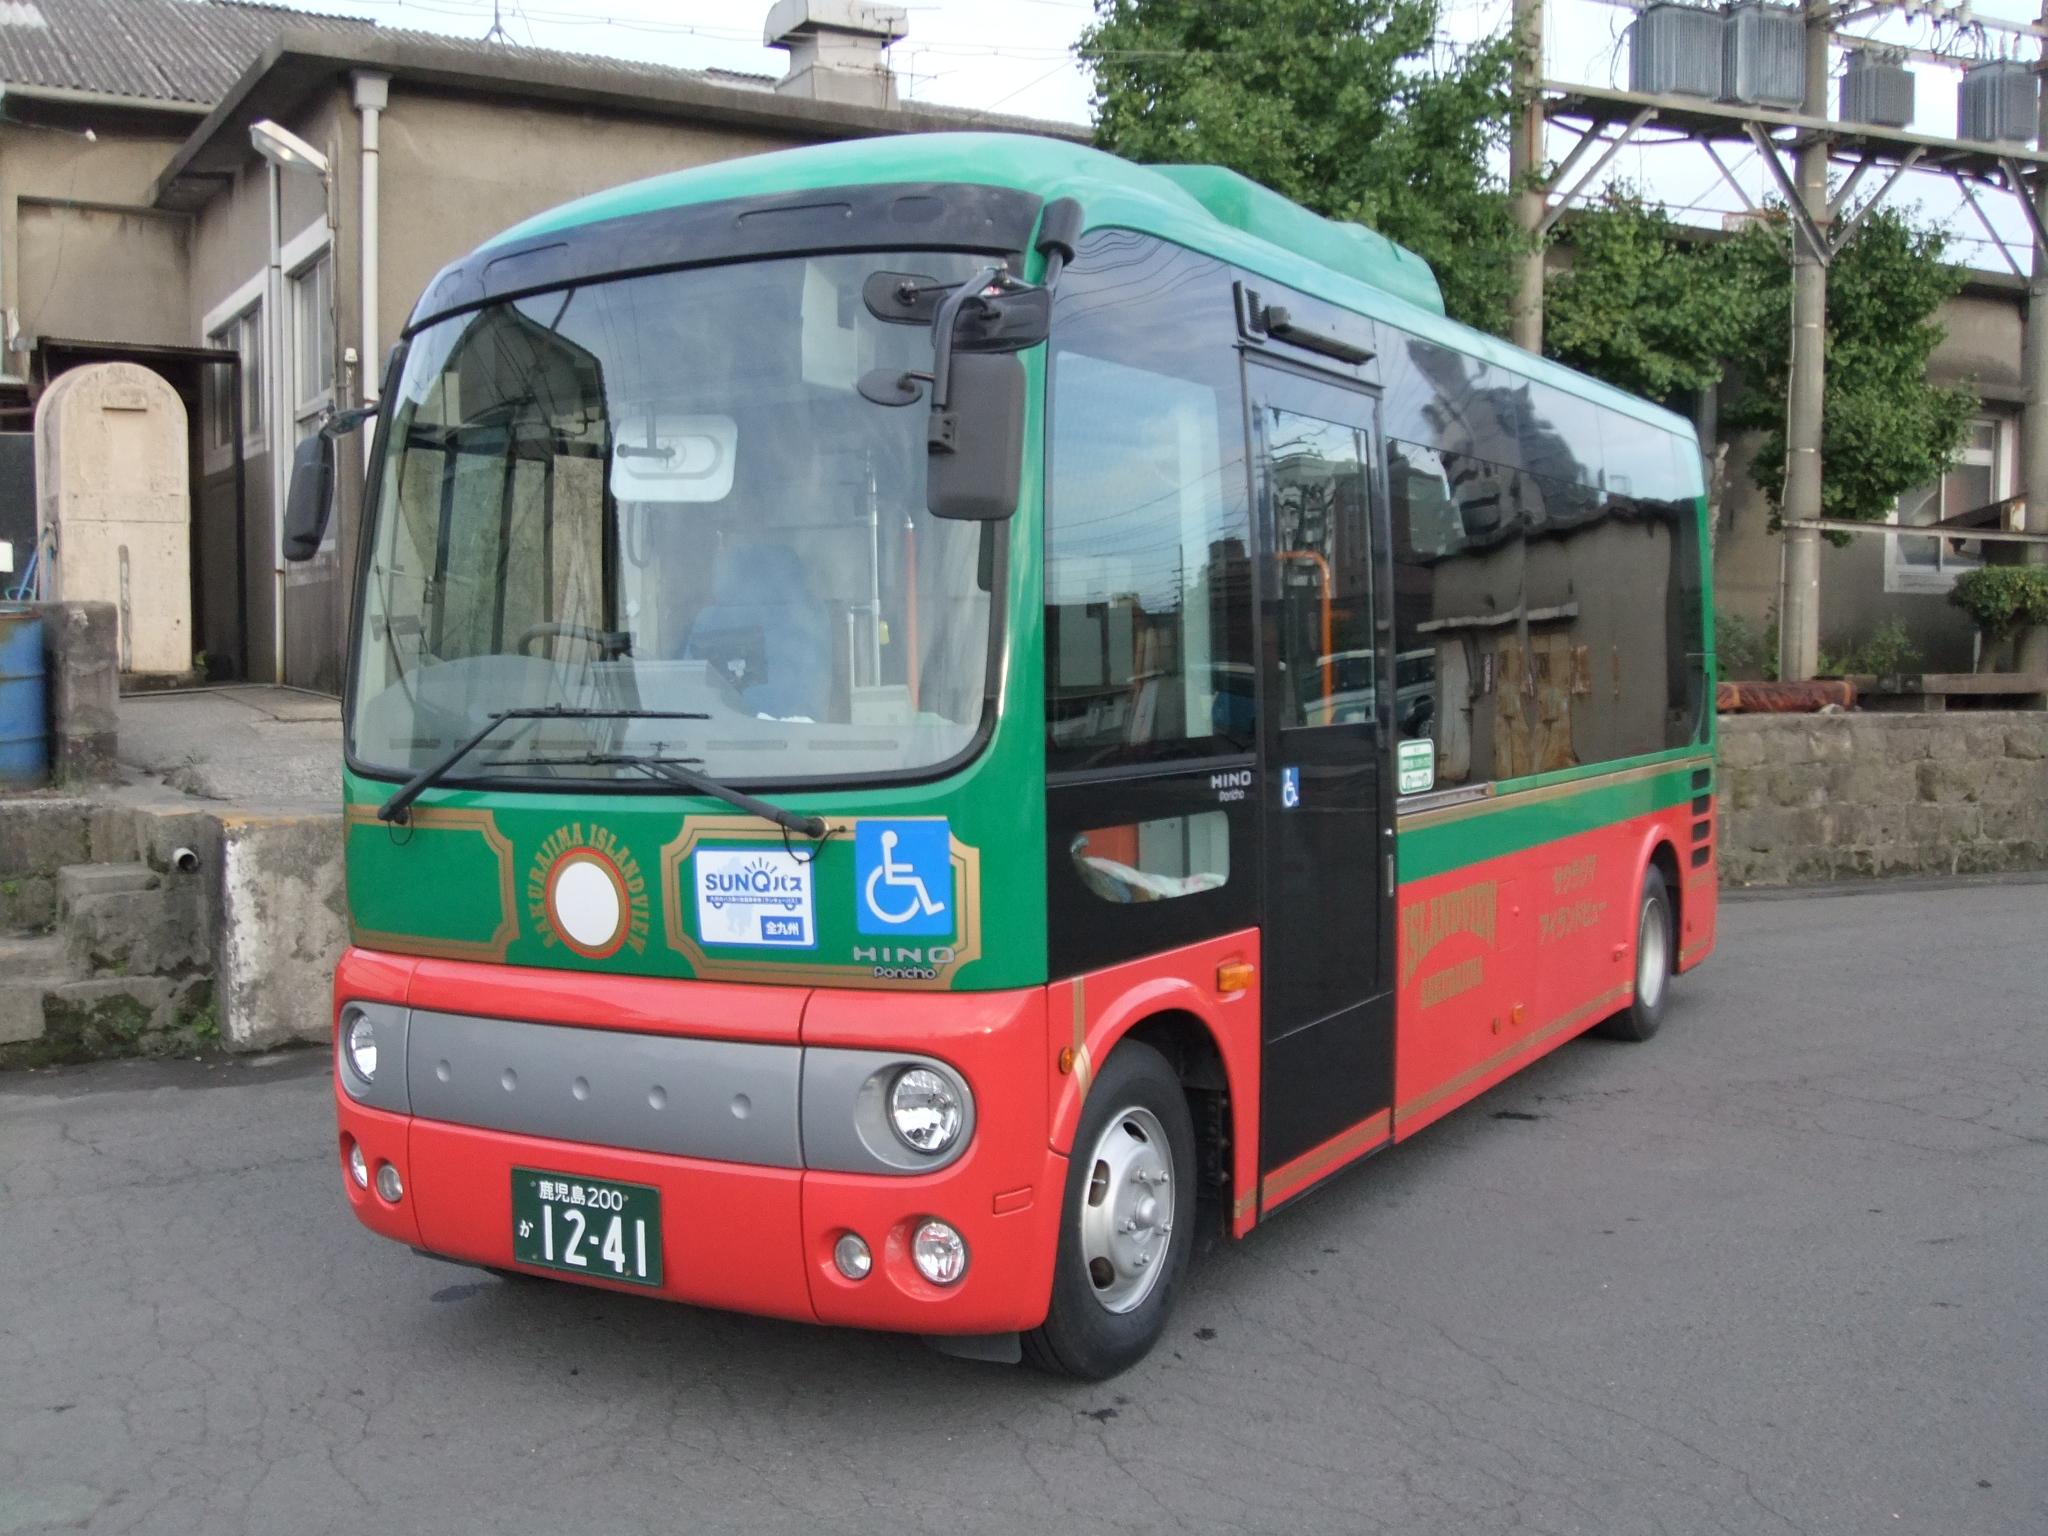 dscf1131